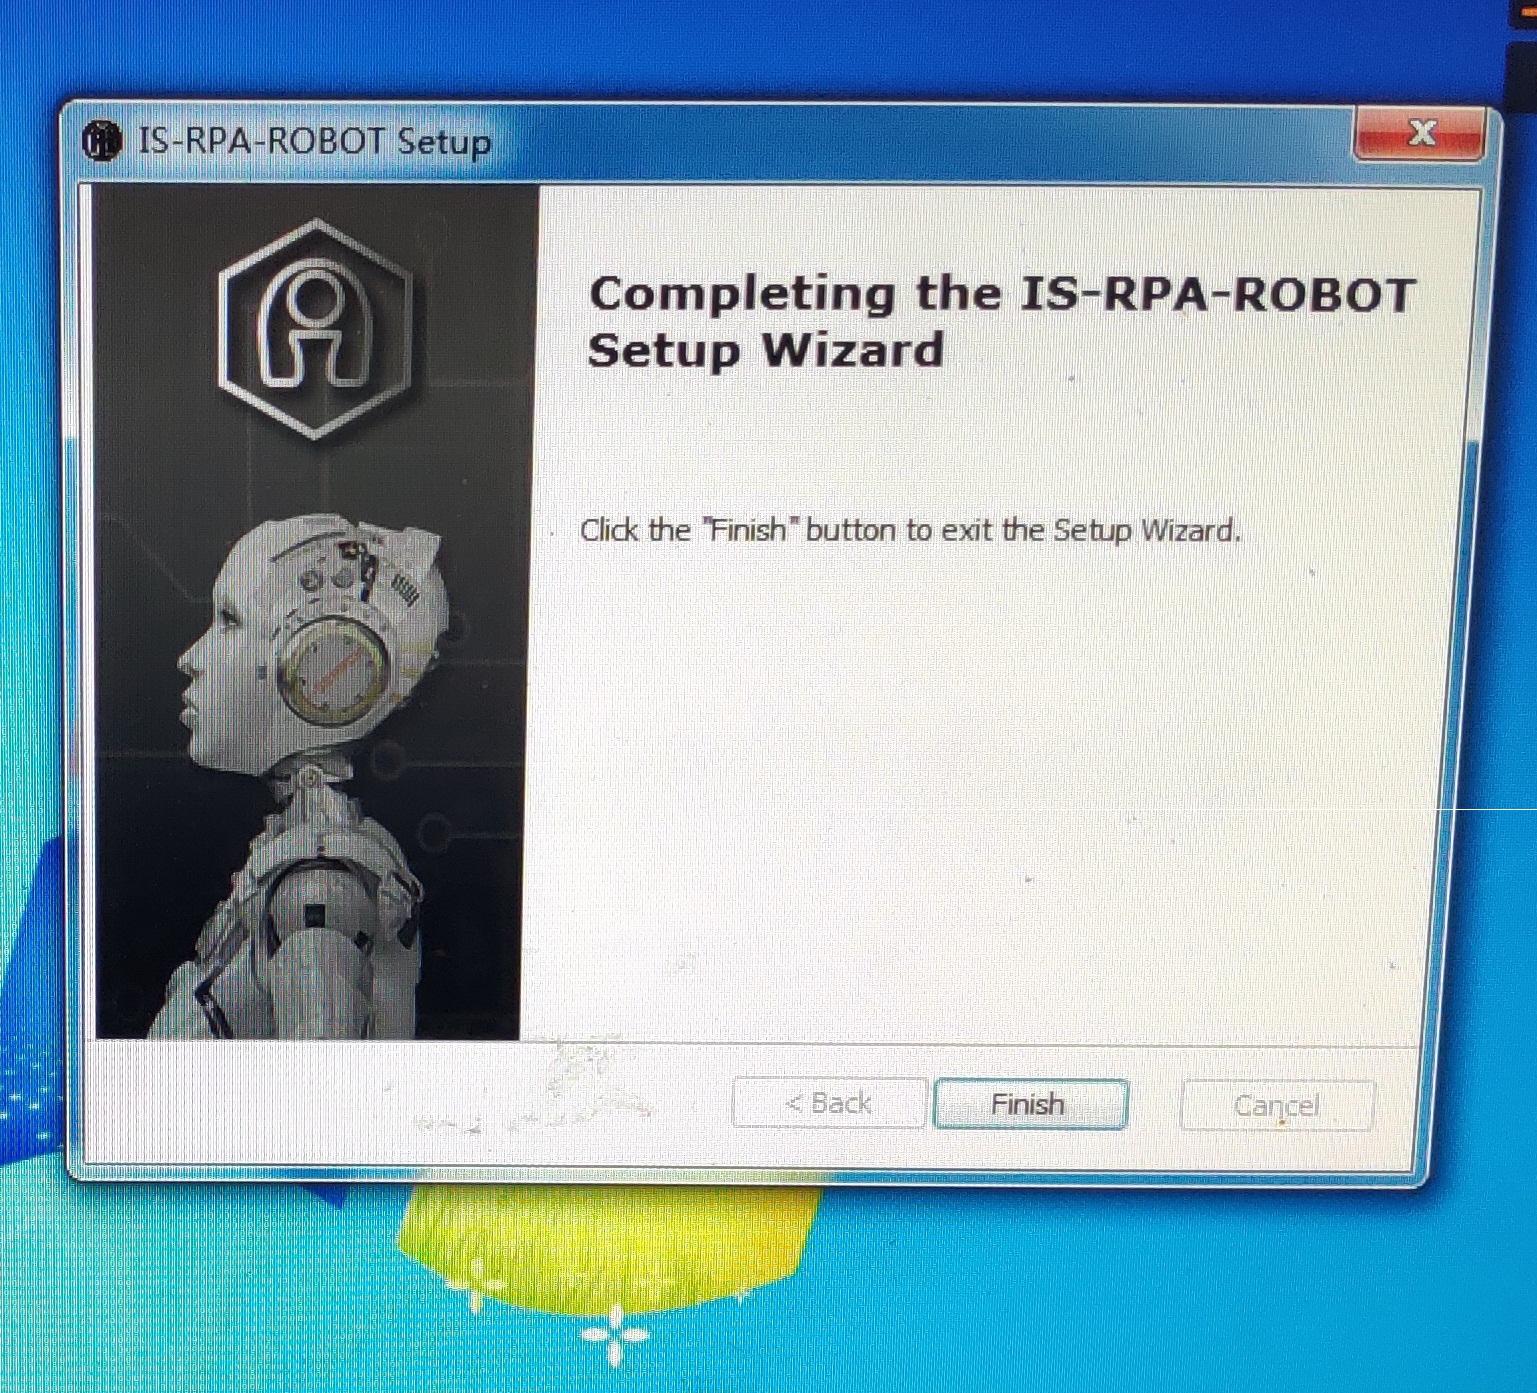 32 位 windows7 SP1 系统安装 9.0 机器人结束后没有机器人图标,设计器执行文件目录也没有机器人执行文件